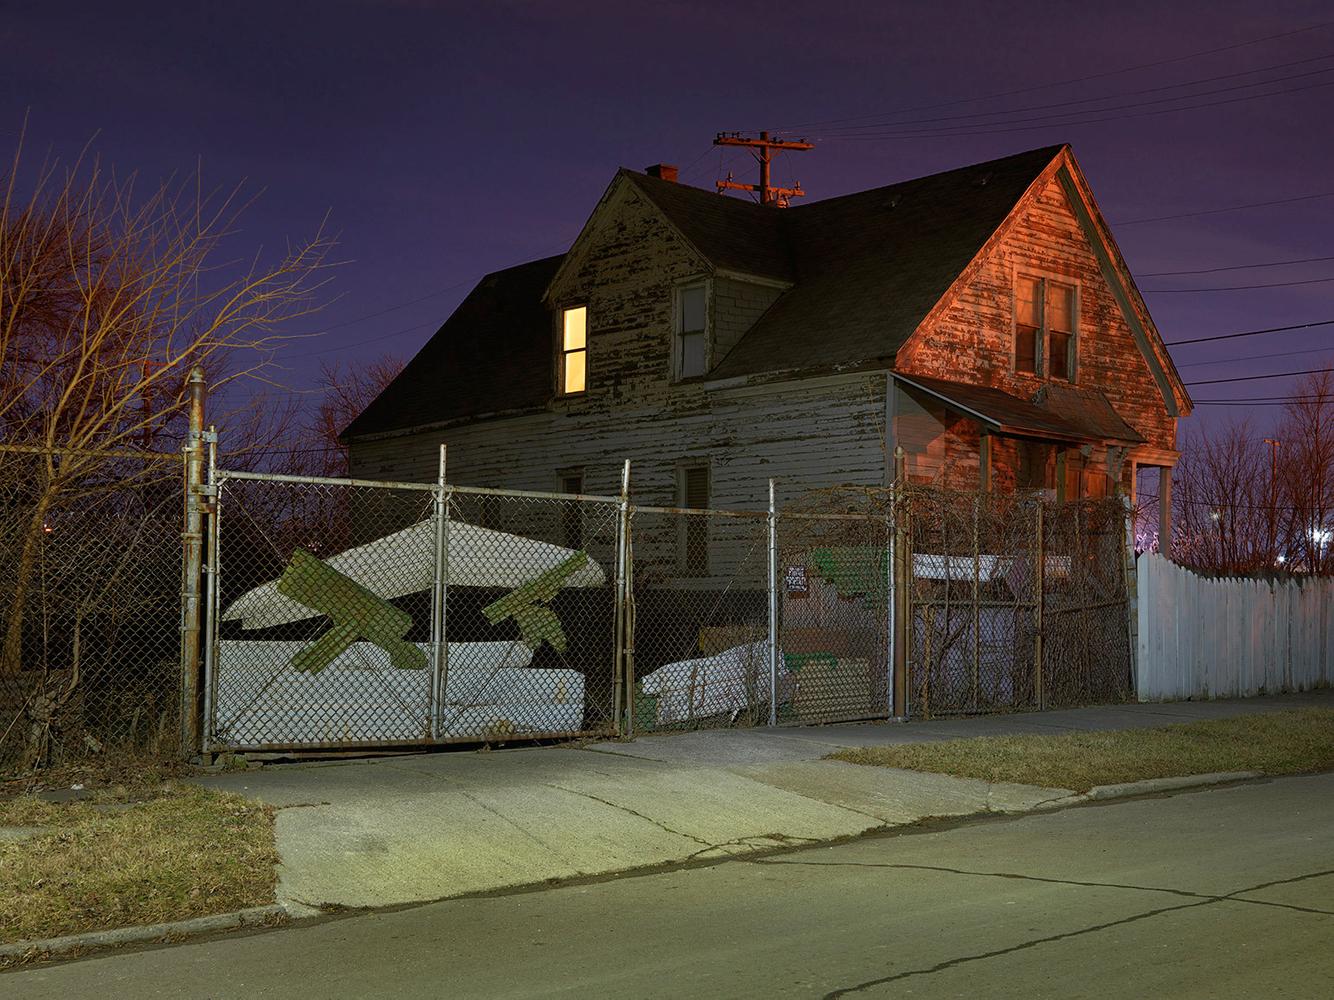 House with Light On, Poletown, Estside, Detroit 2016